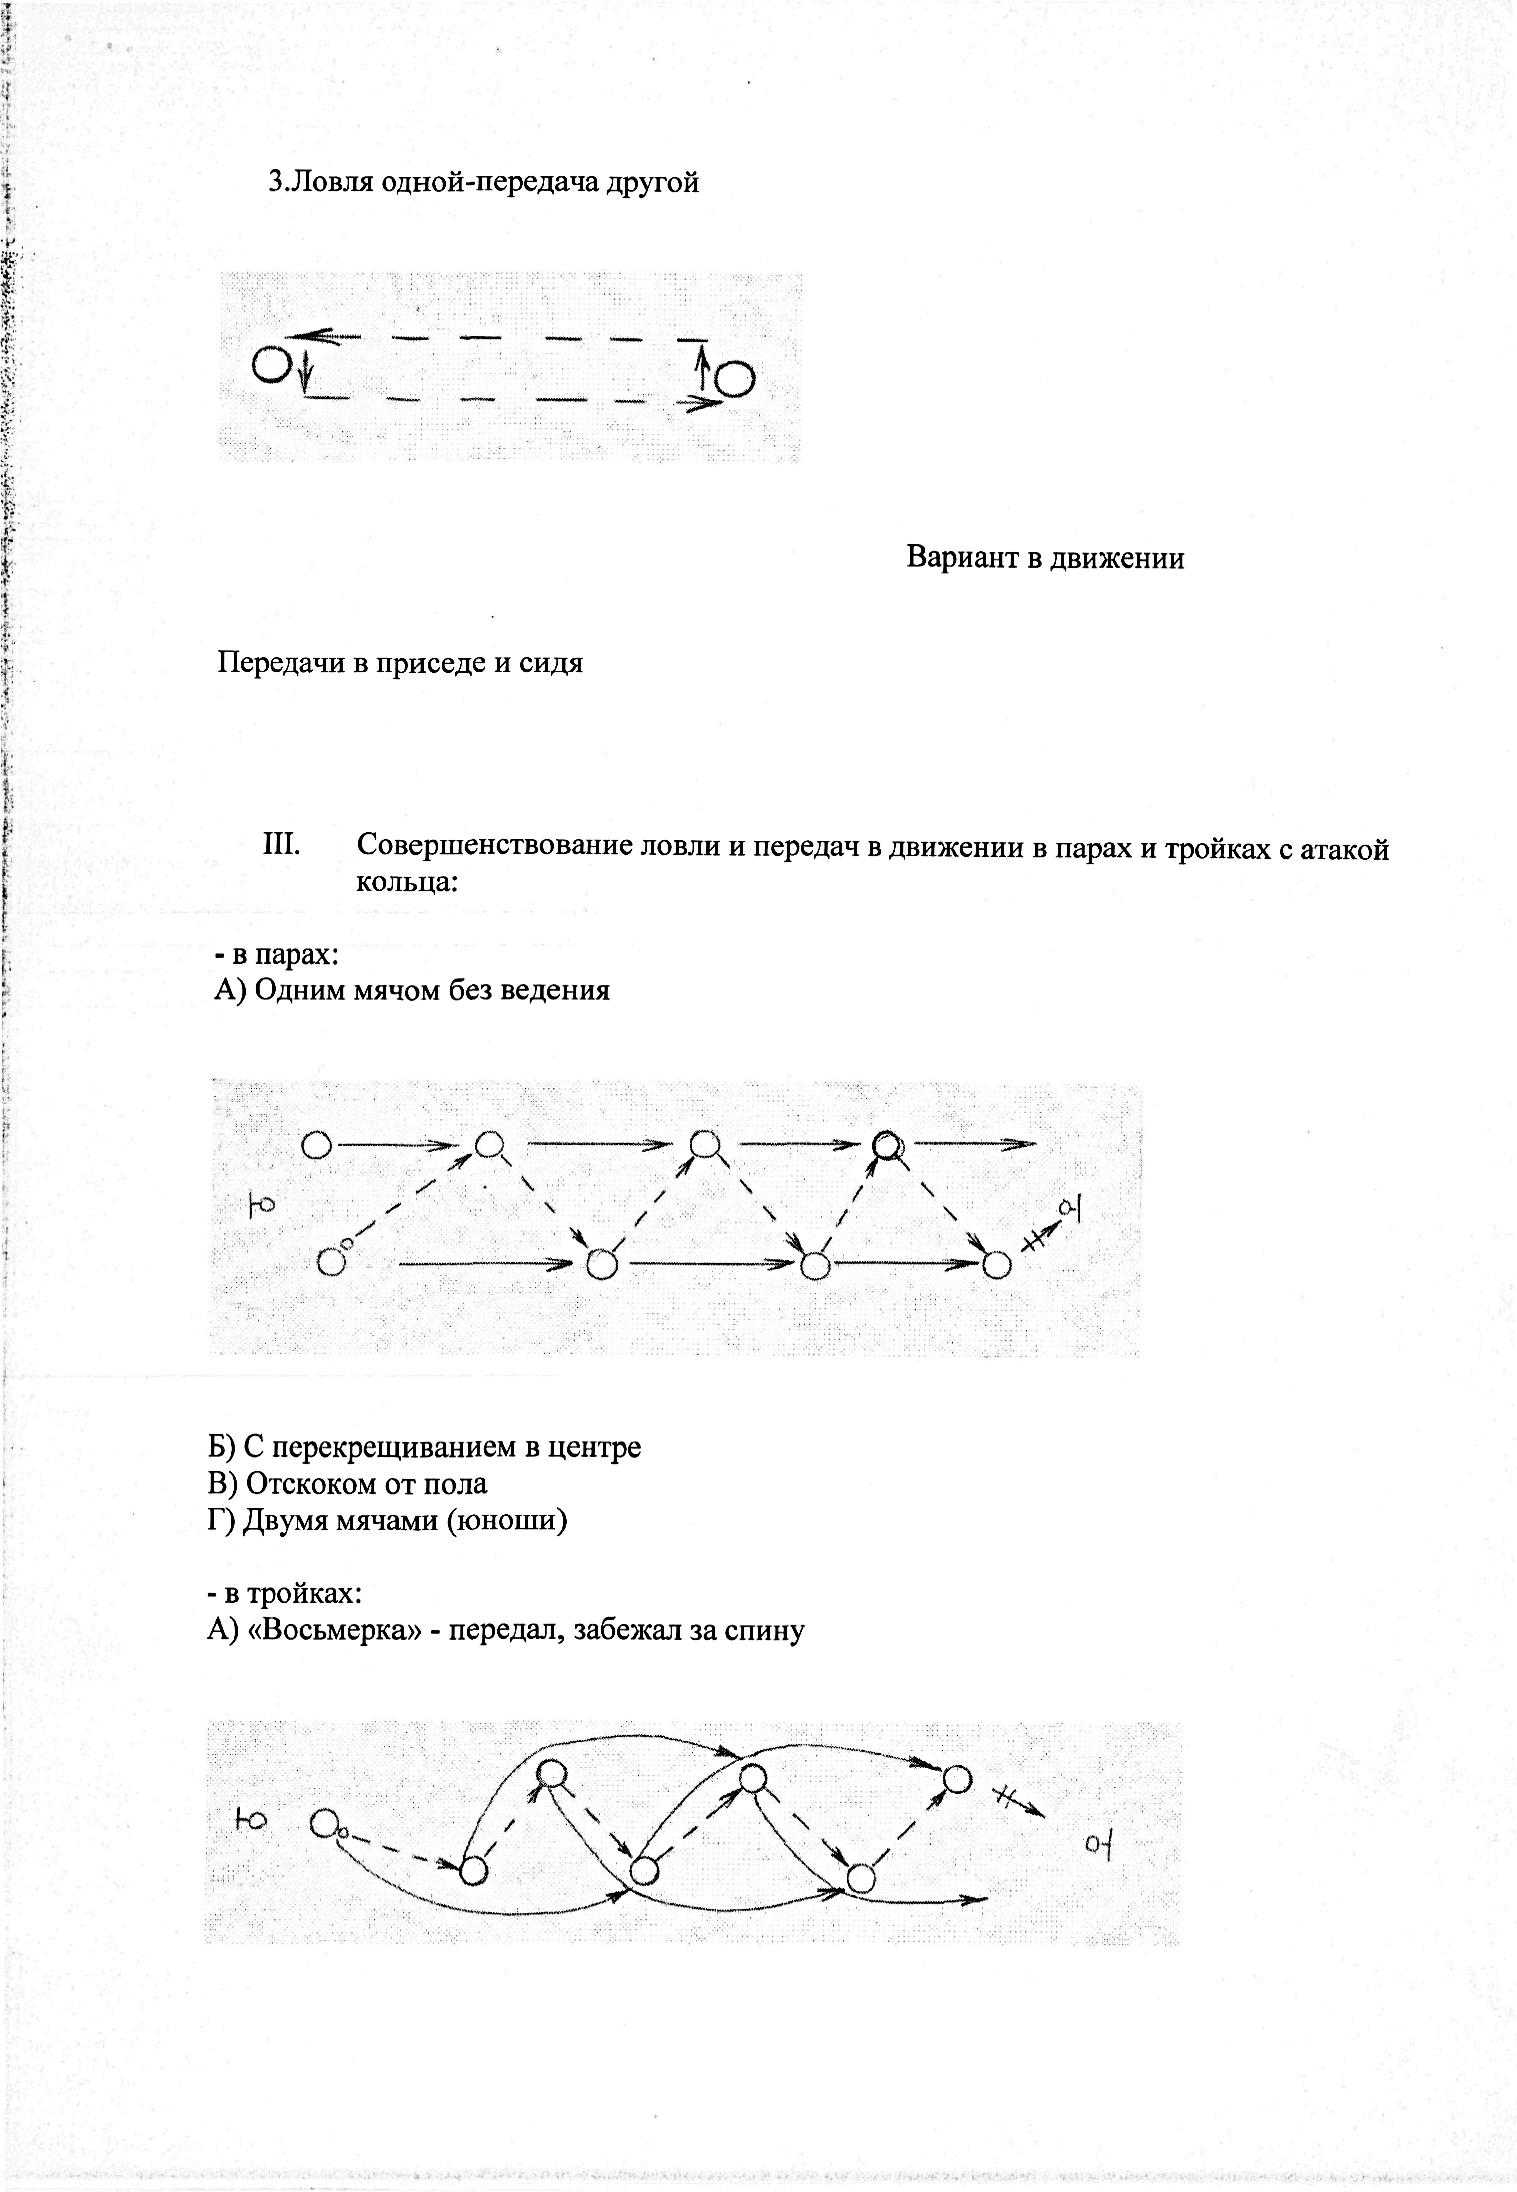 D:\Мои документы\Школа\Портфолио учителей\Новая папка\Сканер\мастер0033.jpg